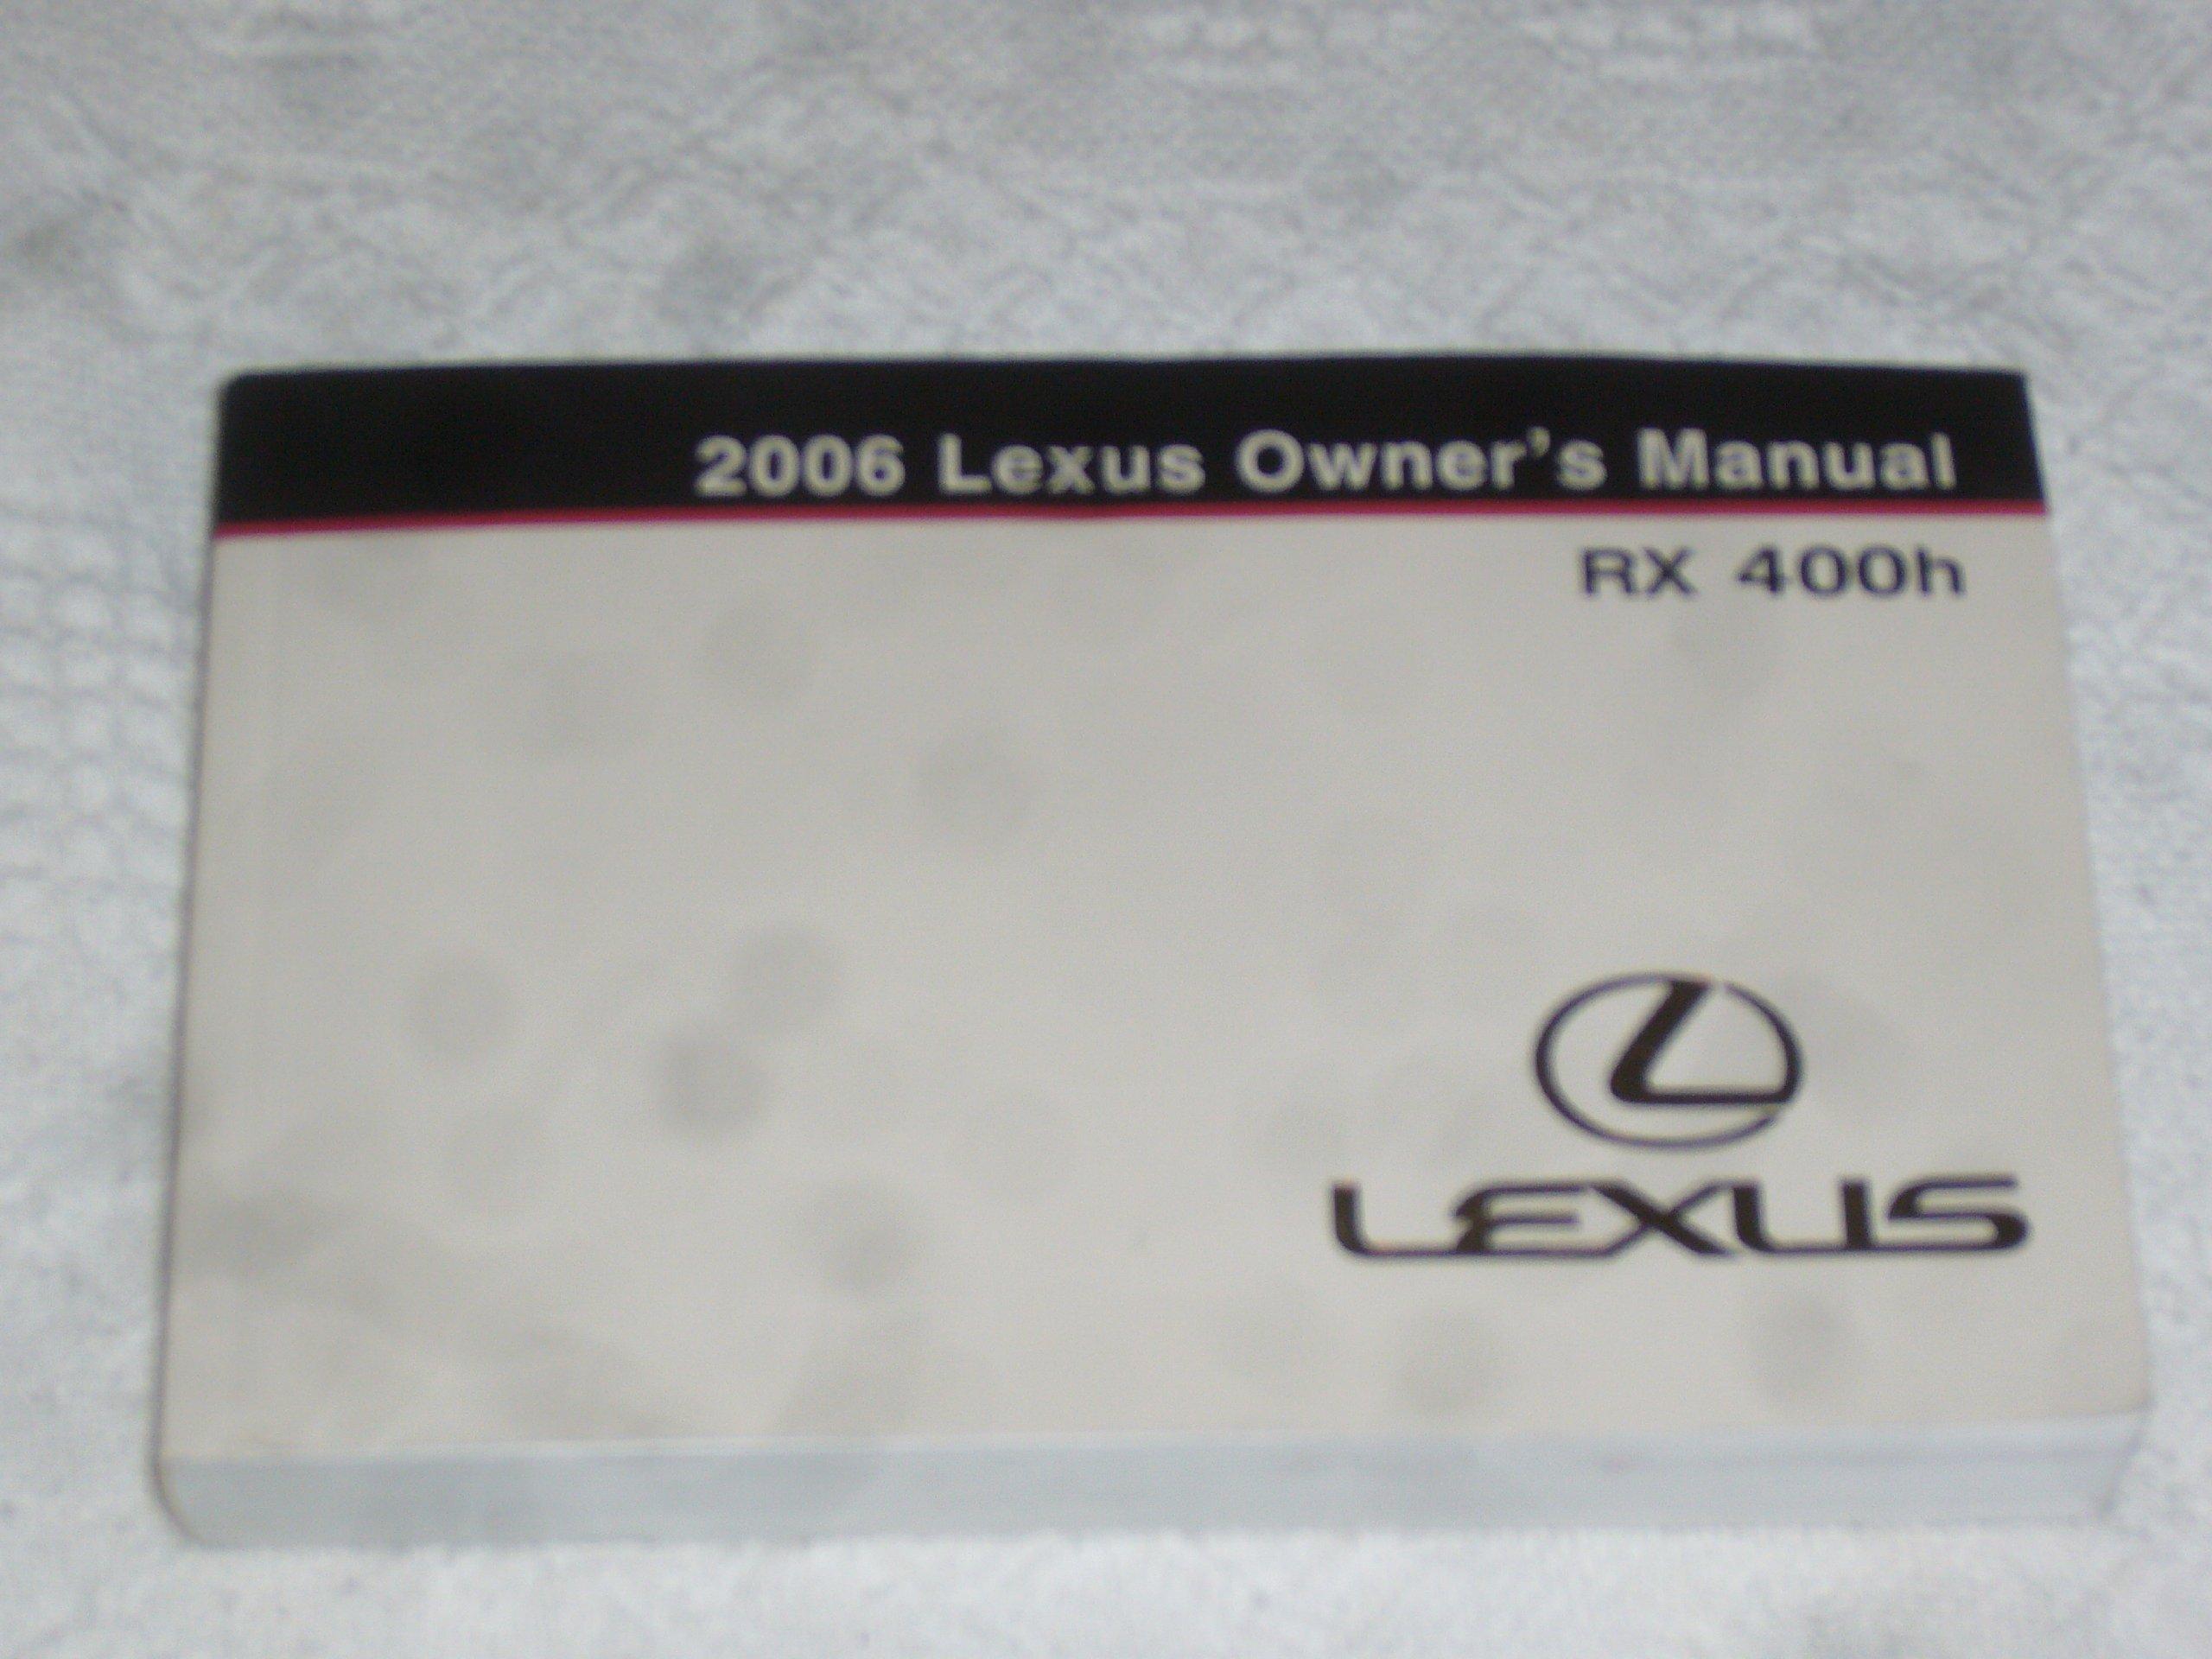 2006 lexus owner s manual rx 400h lexus amazon com books rh amazon com lexus rx400h repair service manual lexus rx400h owners manual pdf